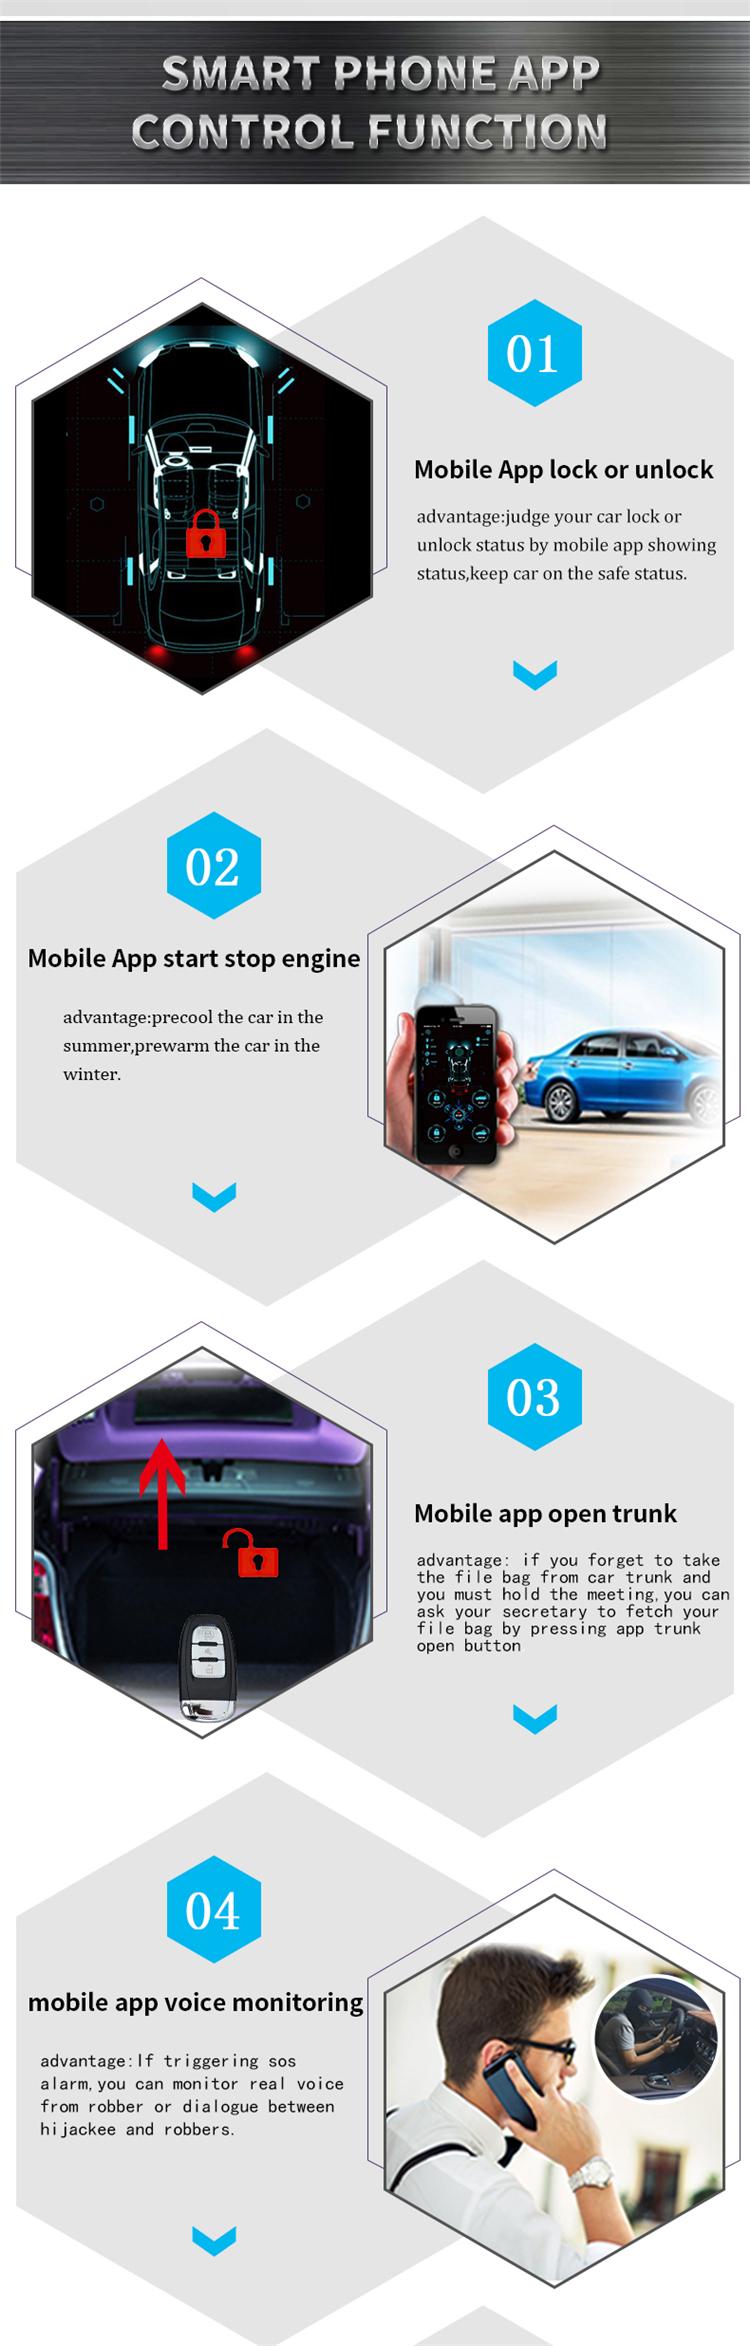 อาลีบาบาผู้ขายที่ดีที่สุด Auto Electronics cardot ระยะไกล PUSH Start STOP สมาร์ทรถ